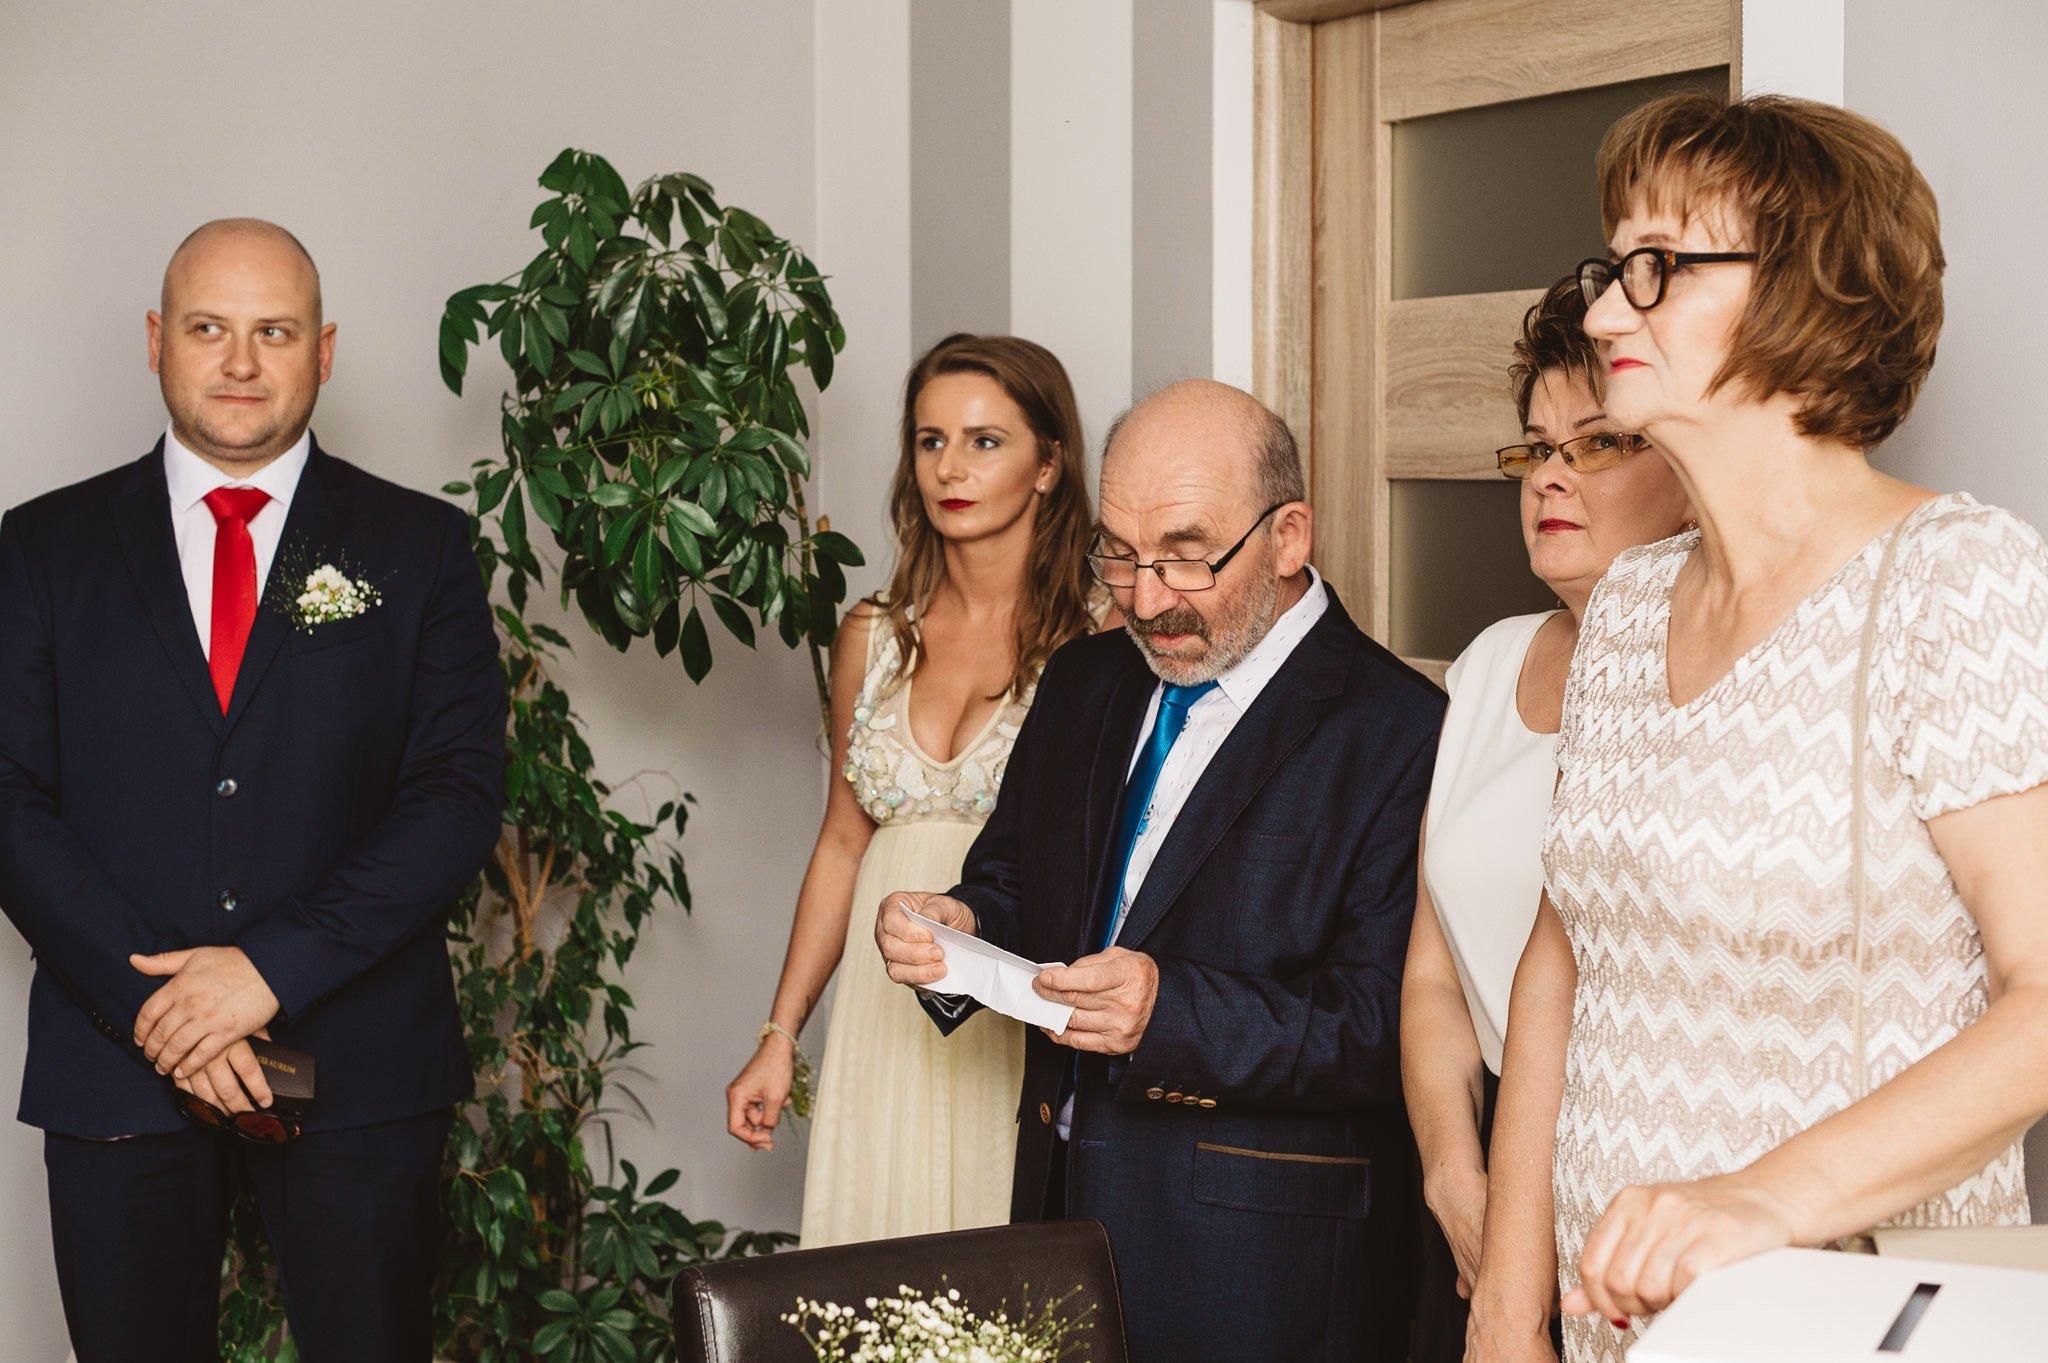 Ala i Arek, czyli jak zorganizować ślub i wesele w 4 tygodnie! 43